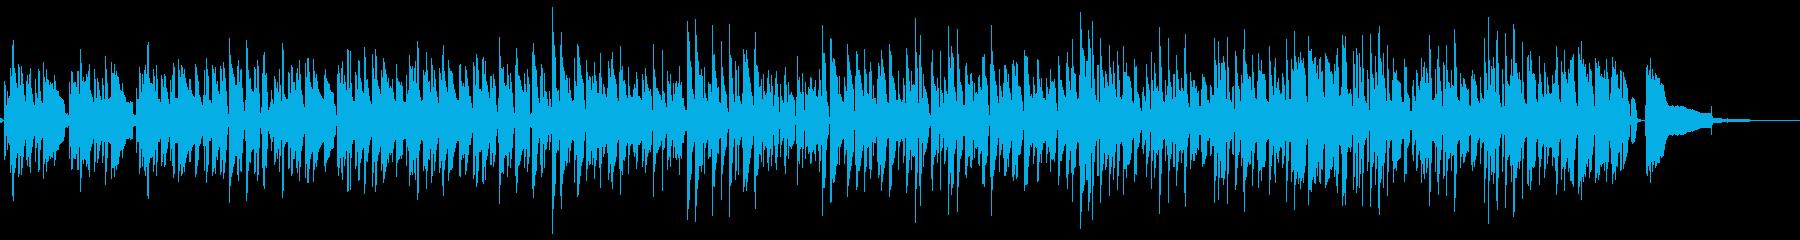 ■ピアノ・ウッドベース・ジャズ・しっとりの再生済みの波形